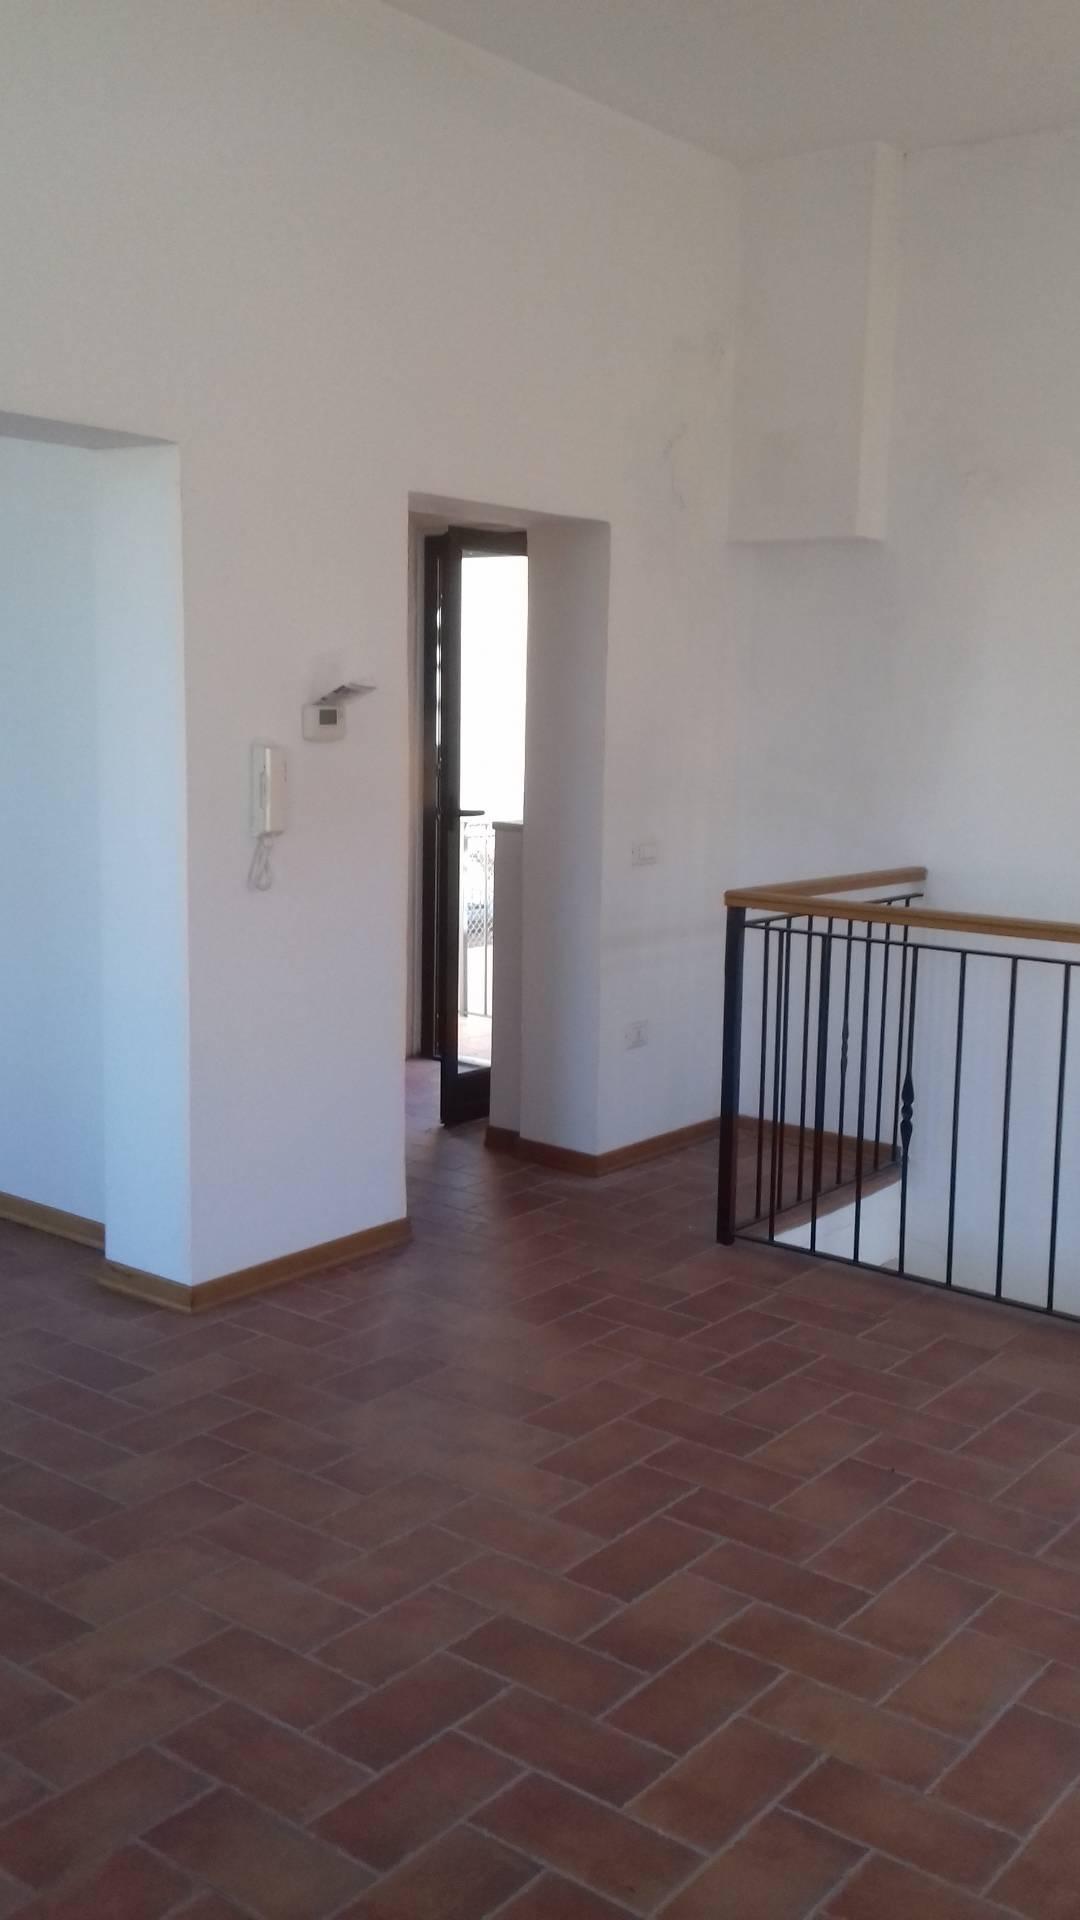 Ufficio / Studio in affitto a Lugo, 9999 locali, zona Località: centro, prezzo € 650   CambioCasa.it